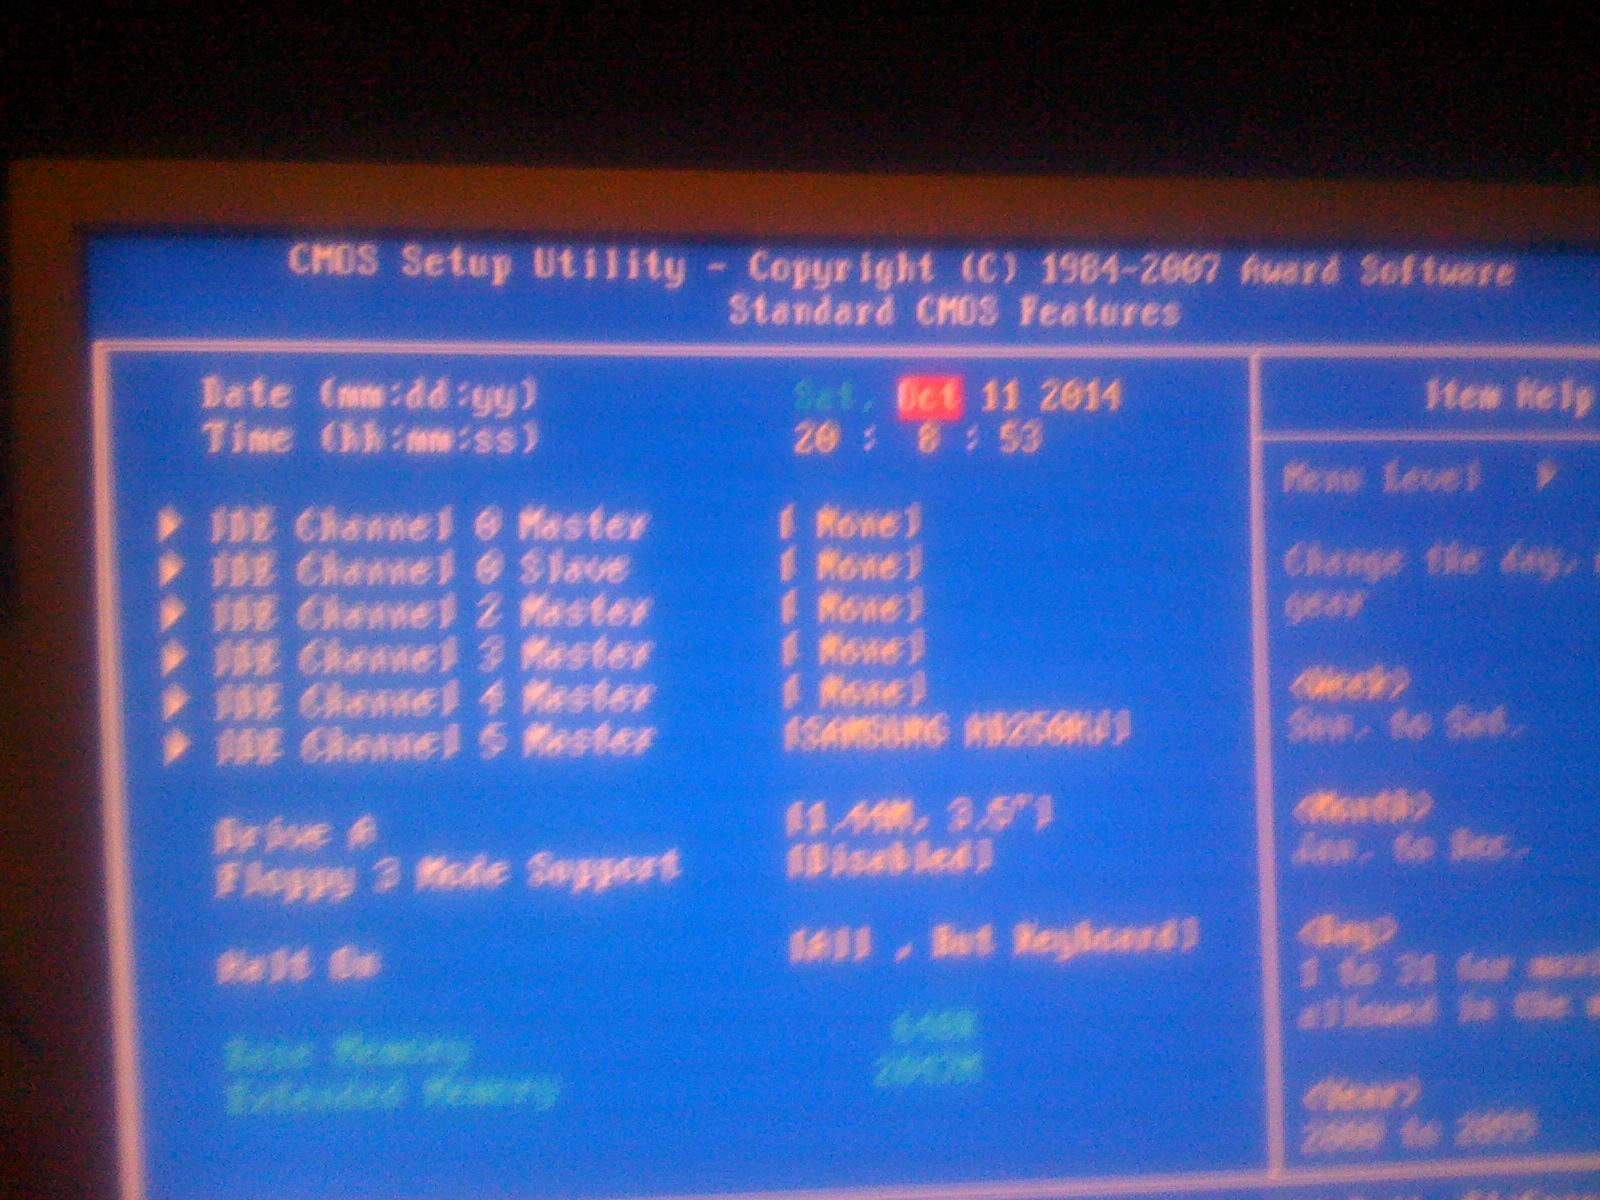 Instalator XP dysk uszkodzony, nap�d nie dzia�a.